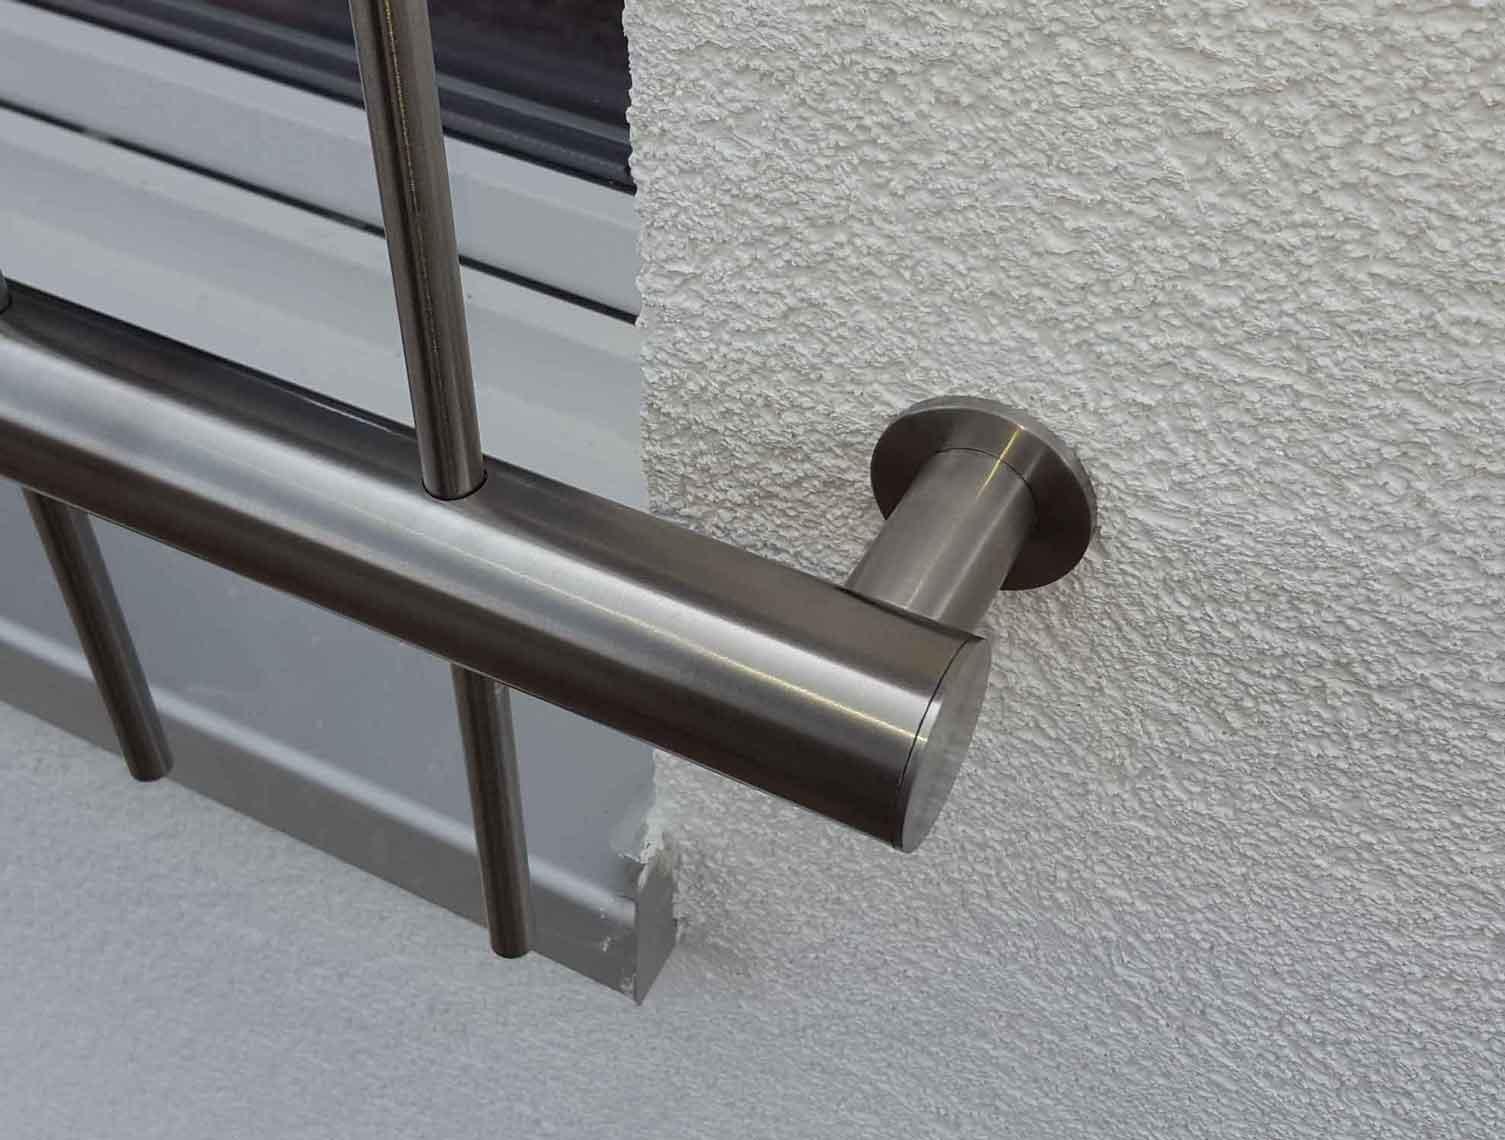 Hirsch Metallbau Fenstergitter 003 - Fenstergitter-03